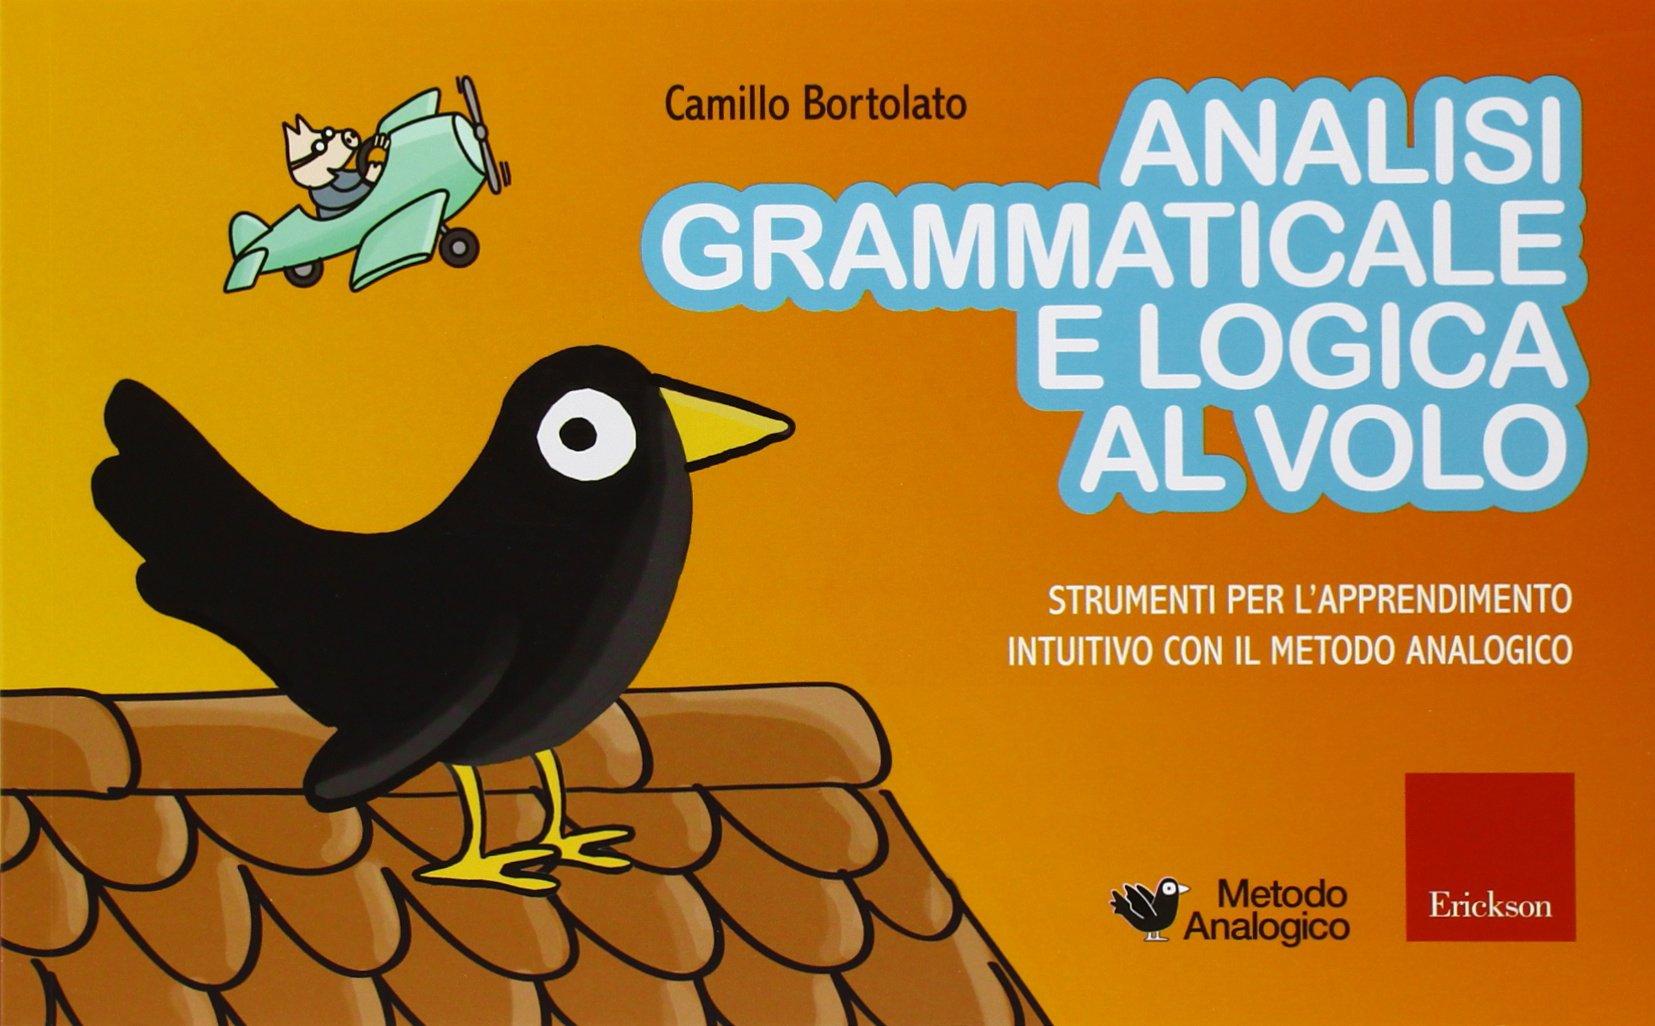 Amazonit Analisi Grammaticale E Logica Al Volo Strumenti Per L